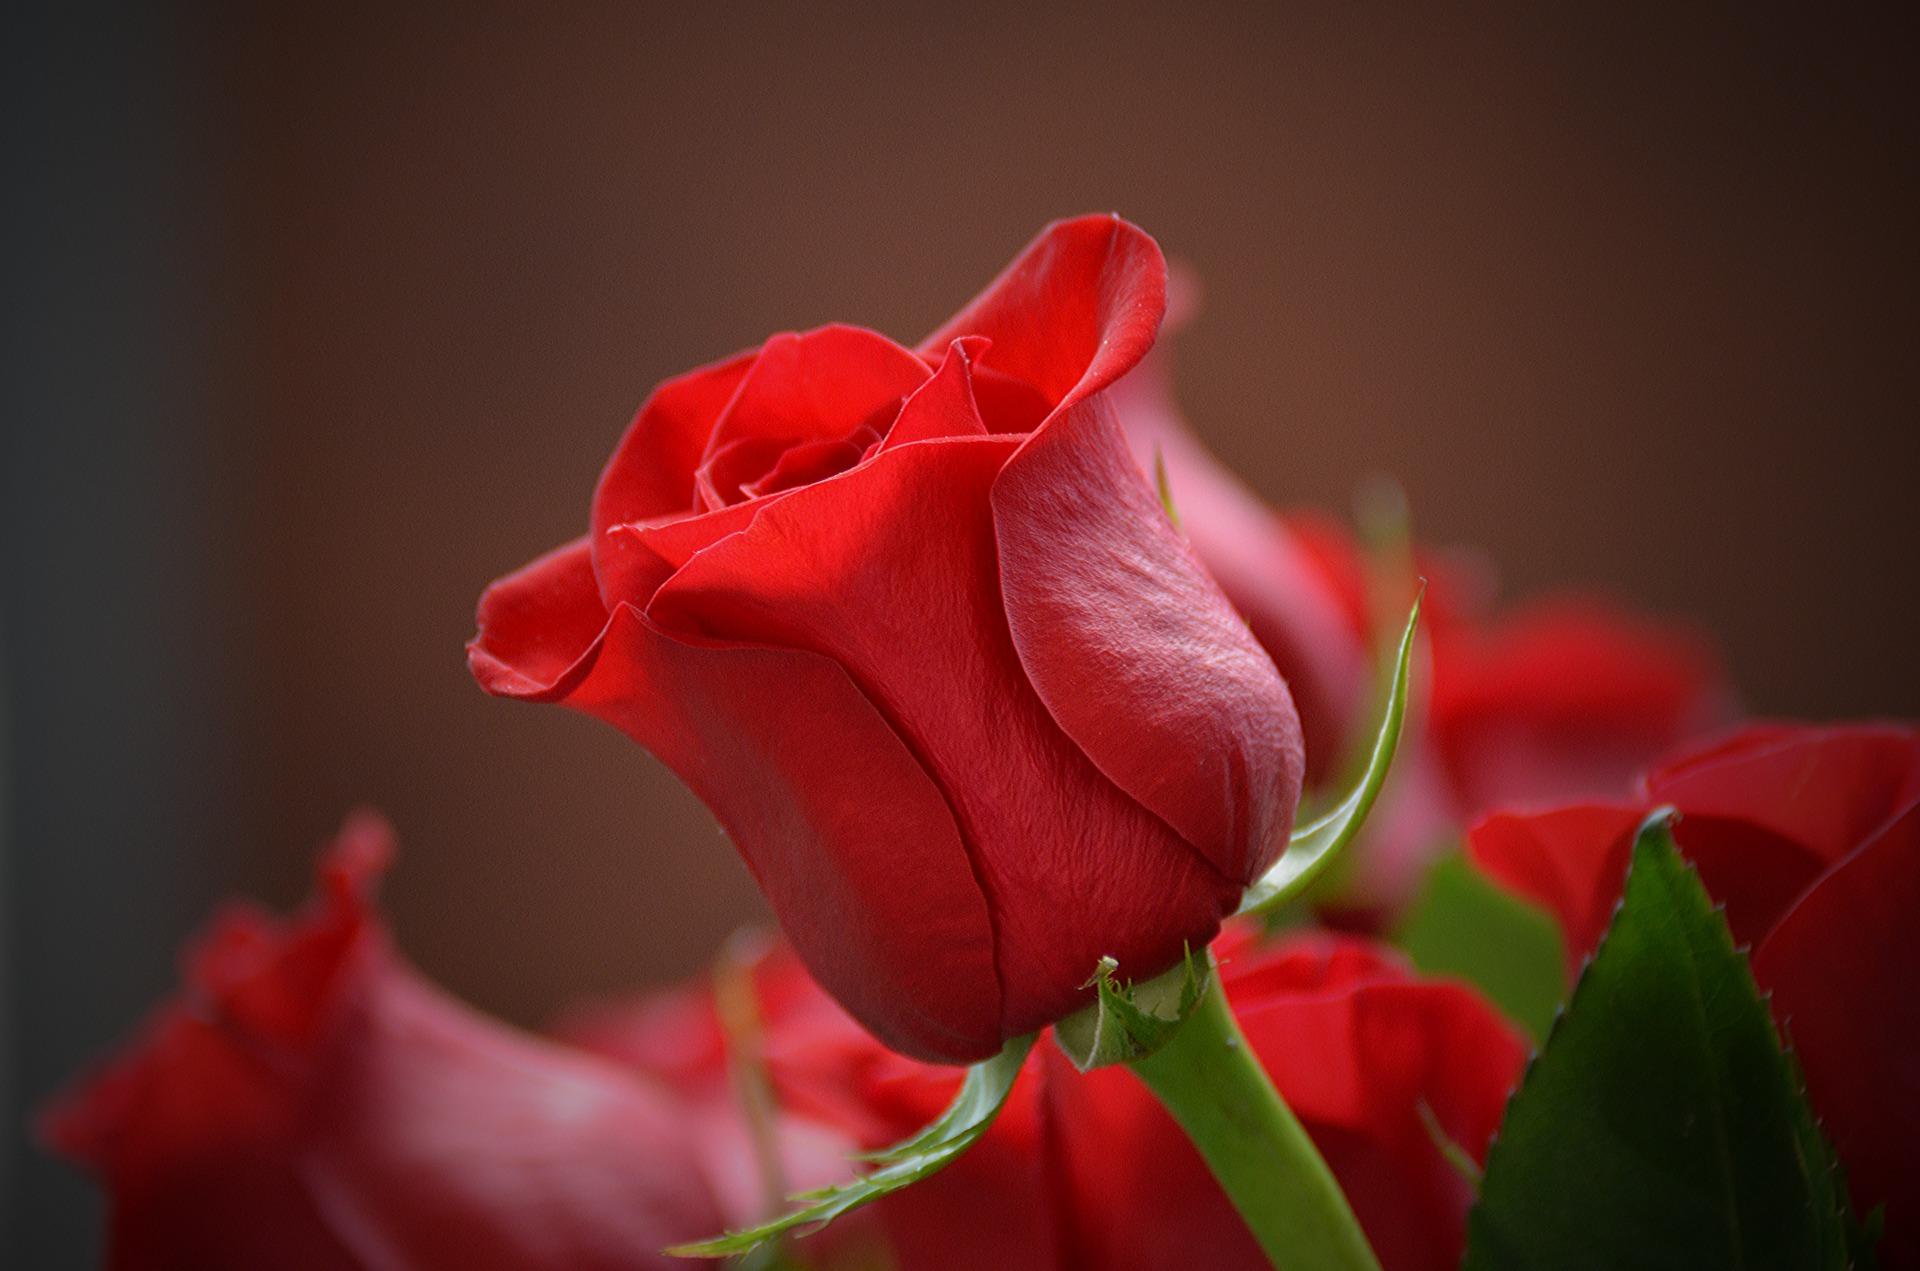 flower-3115353_1920